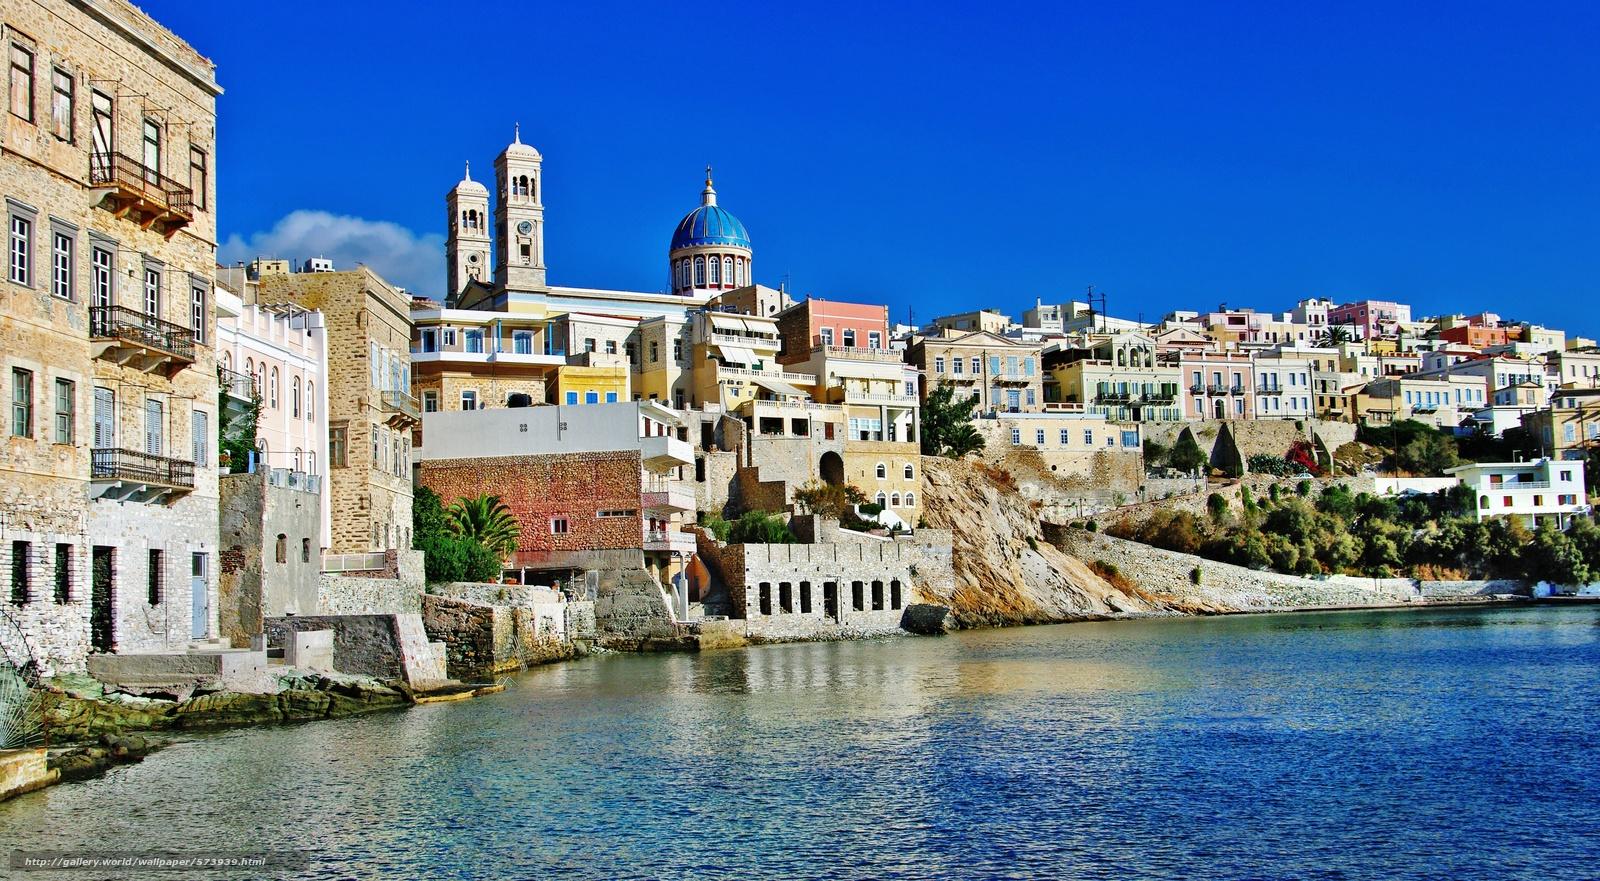 下载壁纸 基克拉泽斯,  锡罗斯,  滨,  爱琴海 免费为您的桌面分辨率的壁纸 4625x2548 — 图片 №573939